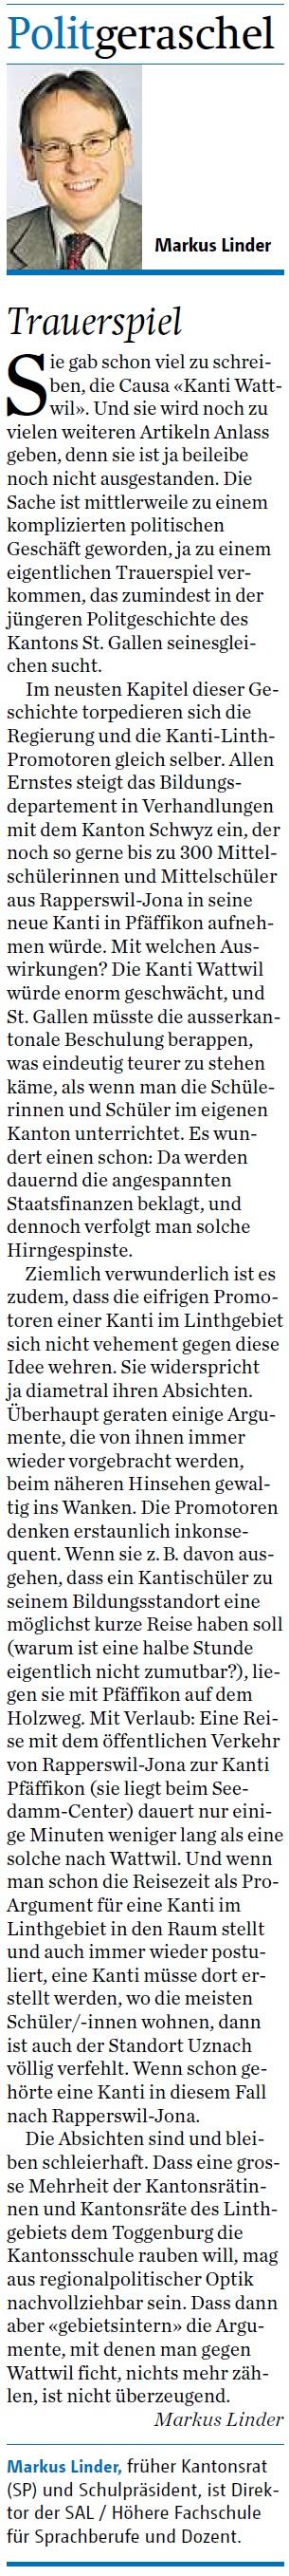 Politgeraschel: Kanti-Trauerspiel (Samstag, 18.10.2014)